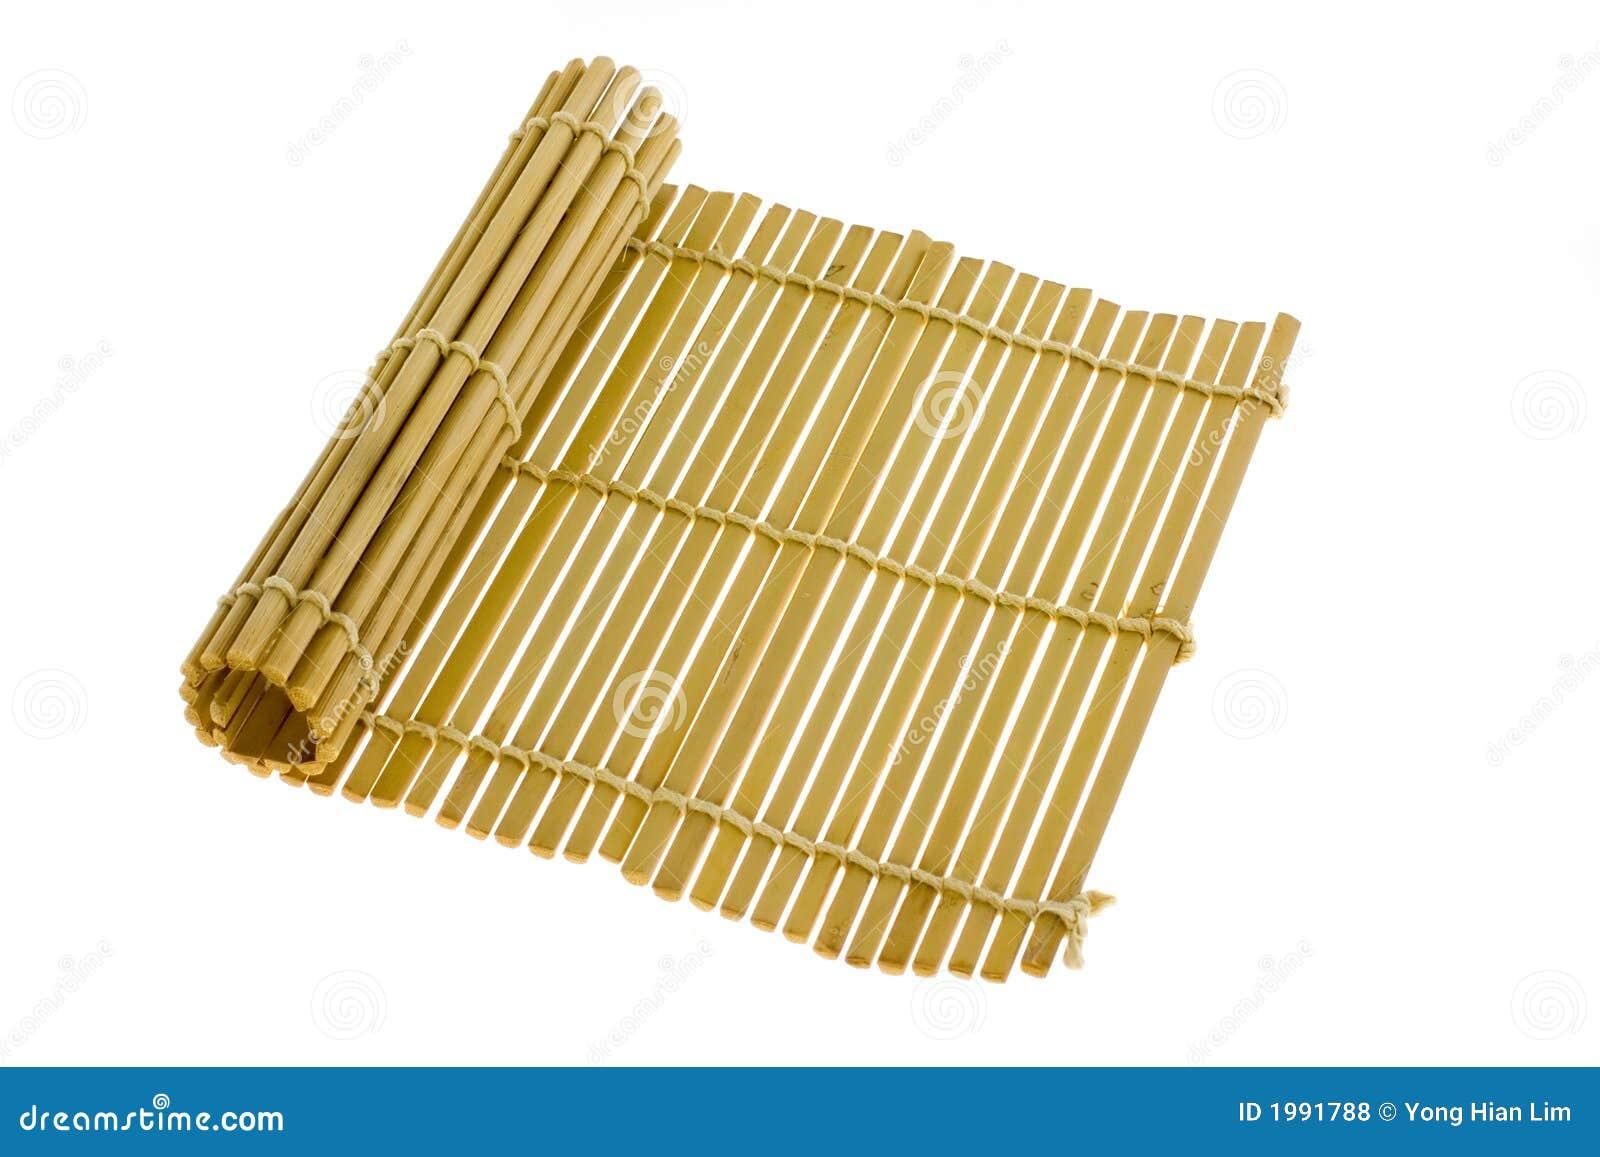 Bamboo Mat Royalty Free Stock Photos Image 1991788